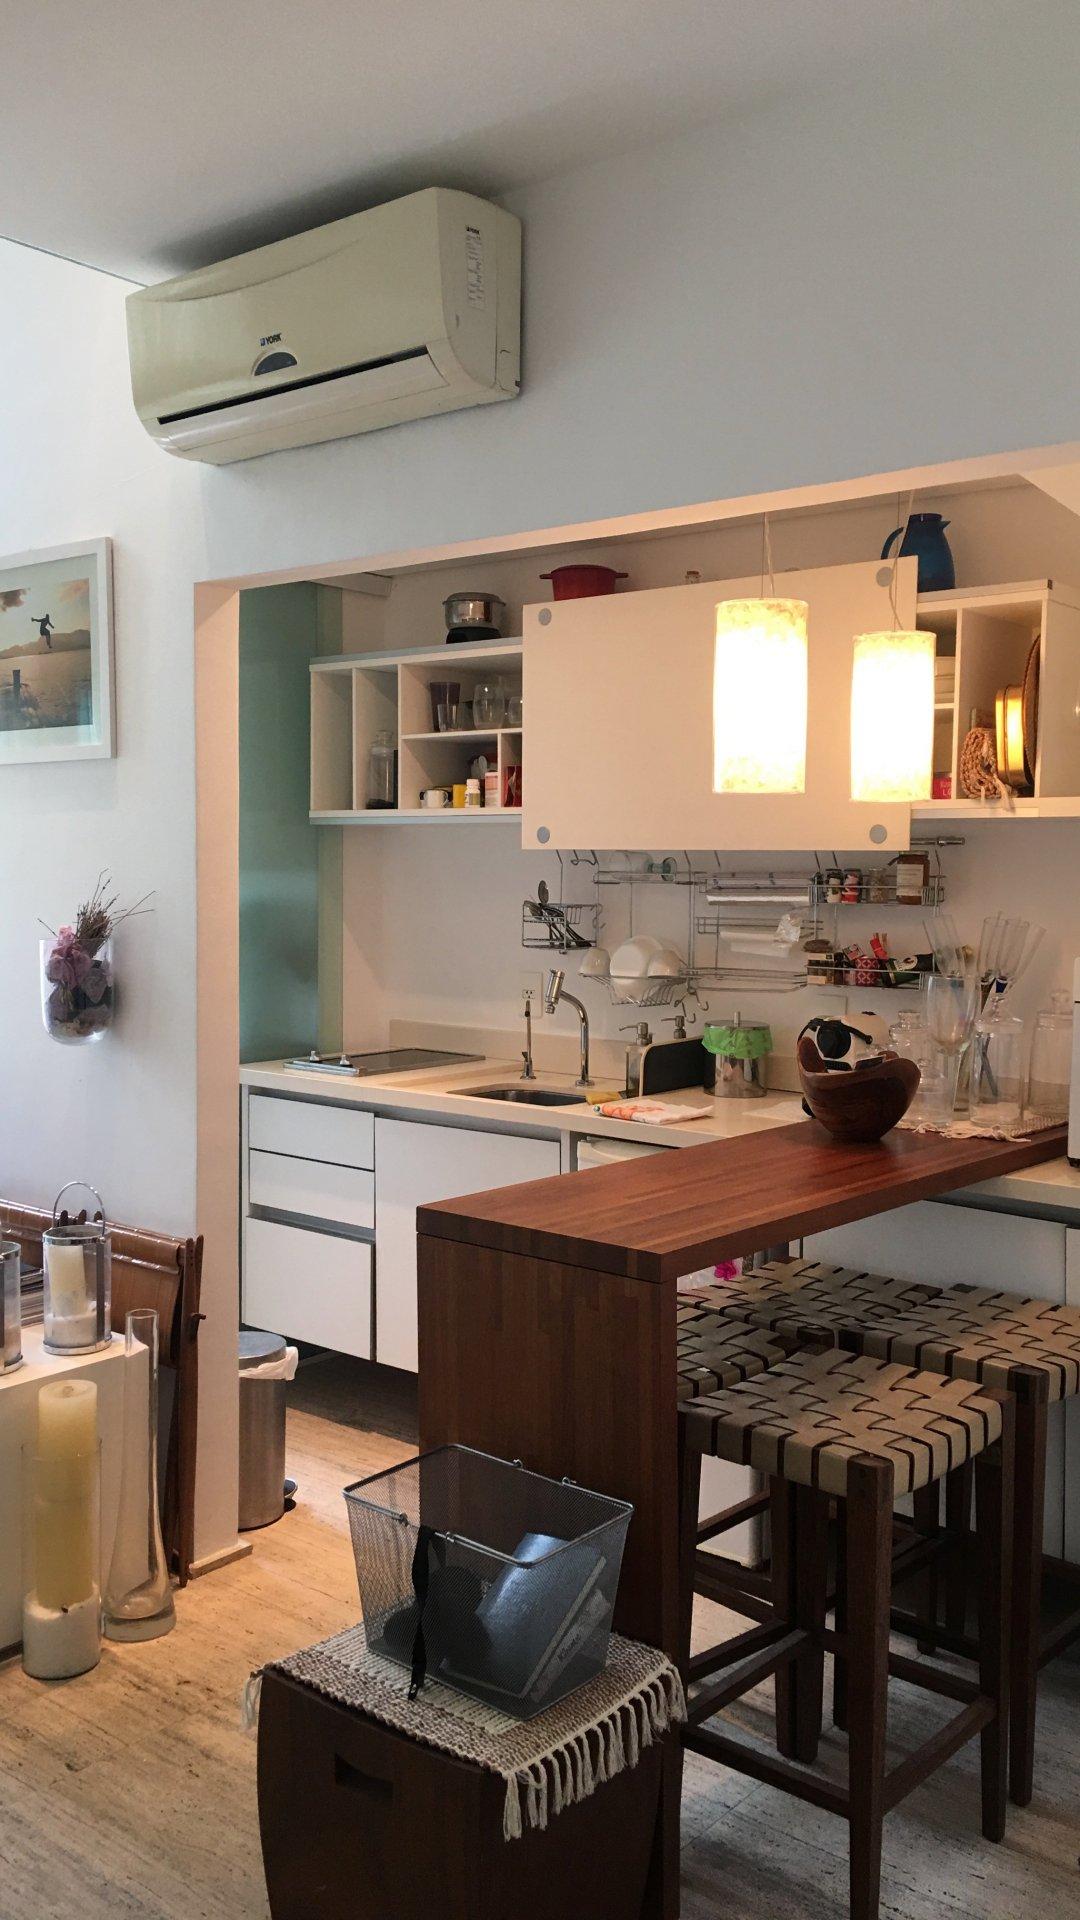 Loft Moema Direto Com Propriet Rio Juliana ~ Quarto E Cozinha Para Alugar Direto Com Proprietario